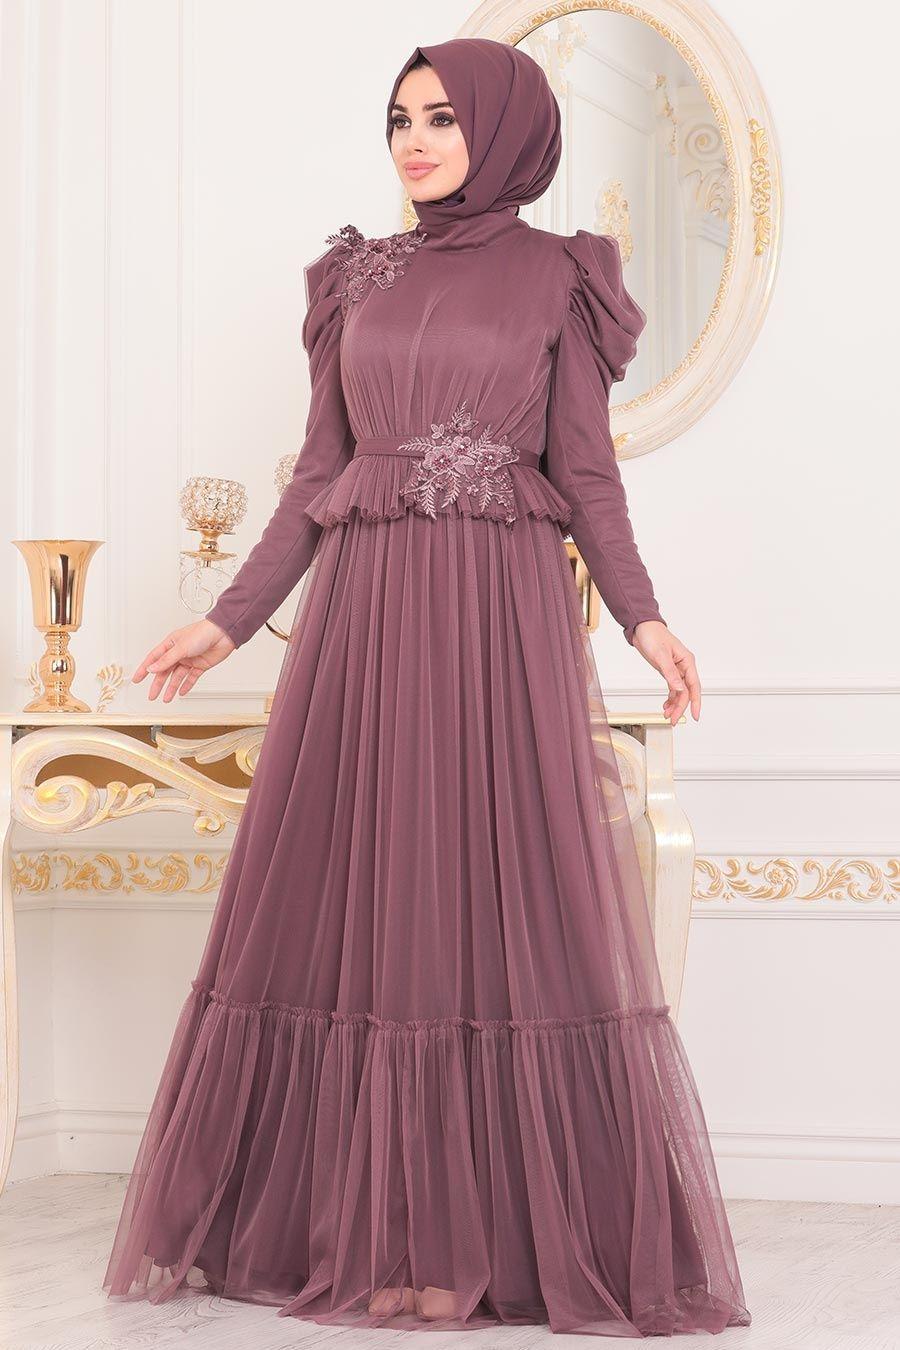 Tesetturlu Abiye Elbise Dantelli Gul Kurusu Tesettur Abiye Elbise 4098gk Tesetturisland Com 2020 Elbise Moda Stilleri Musluman Modasi